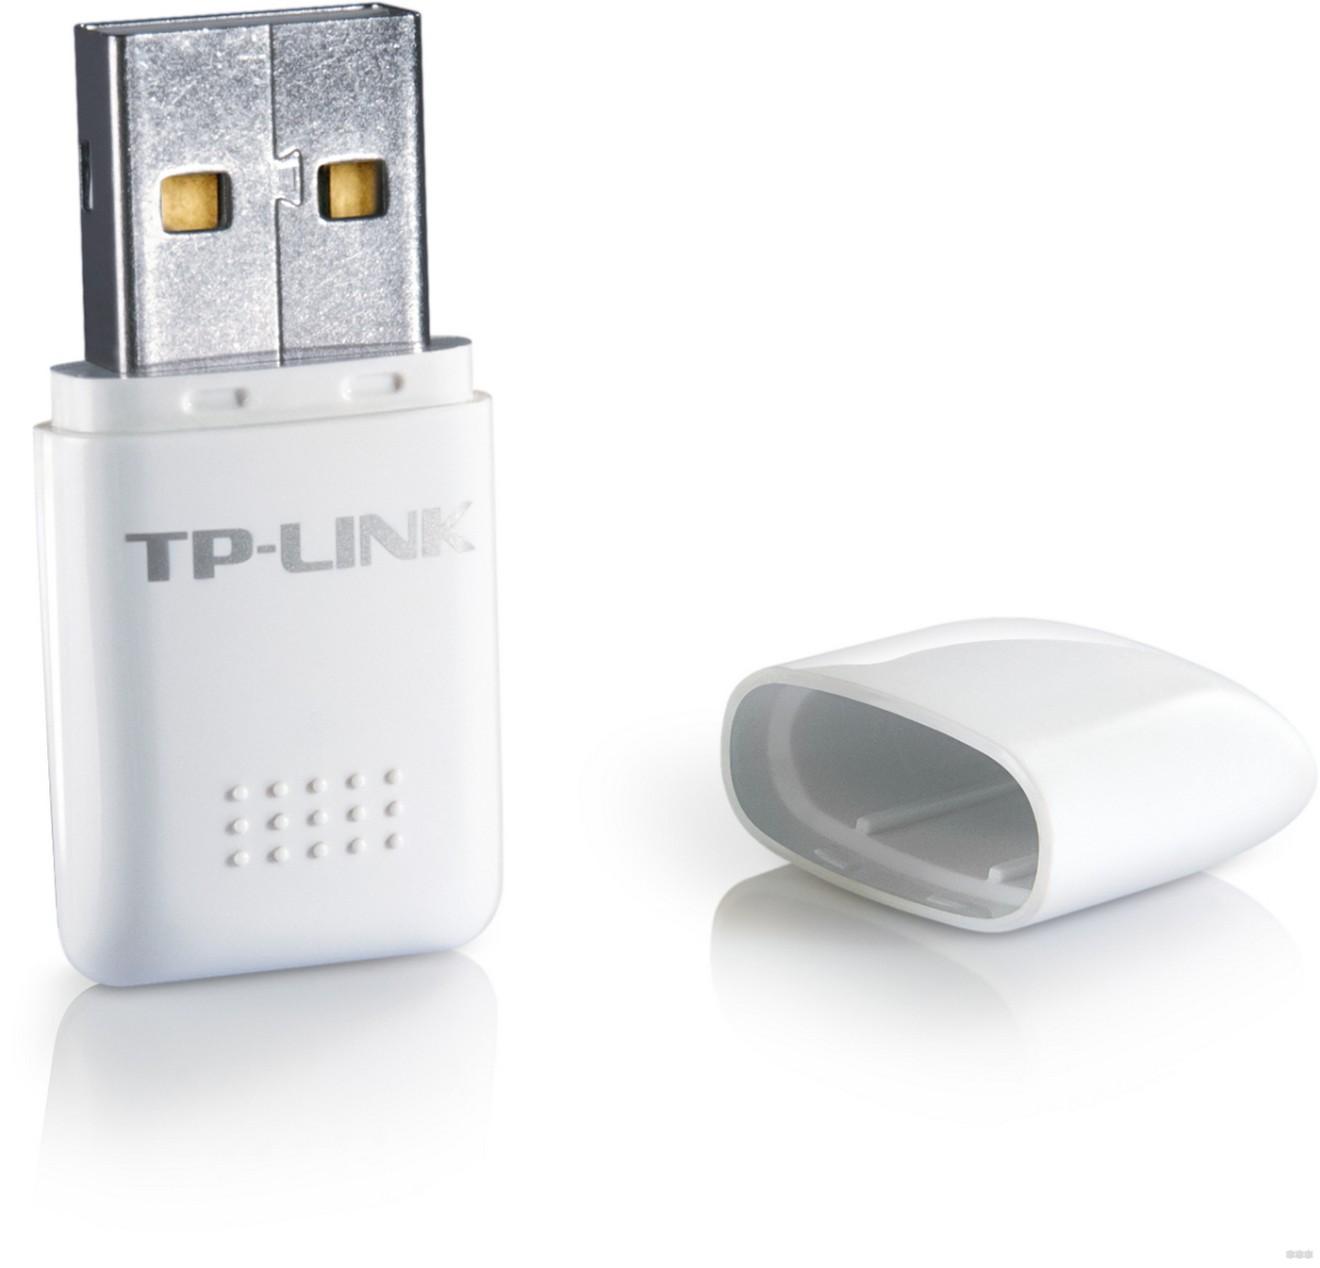 Сетевой W-Fi адаптер TP-Link TL-WN723N: обзор, драйвер, настройка